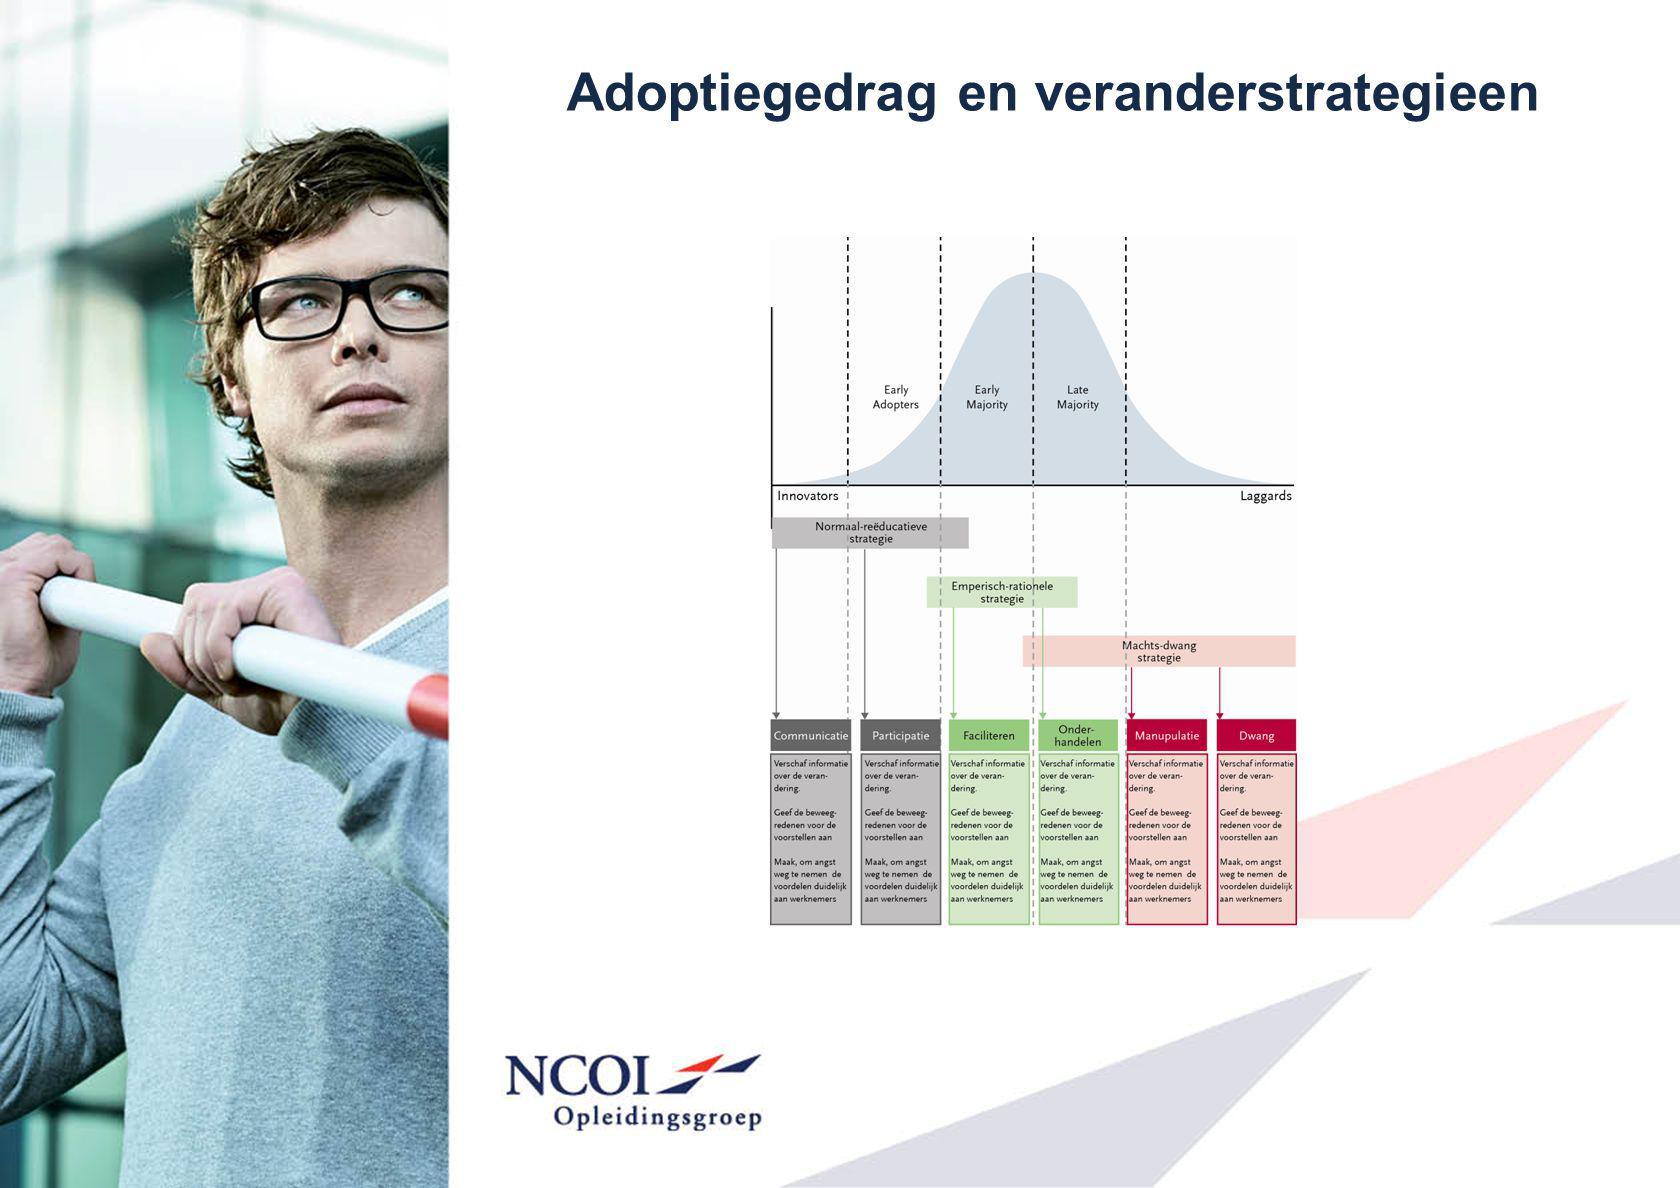 Adoptiegedrag en veranderstrategieen